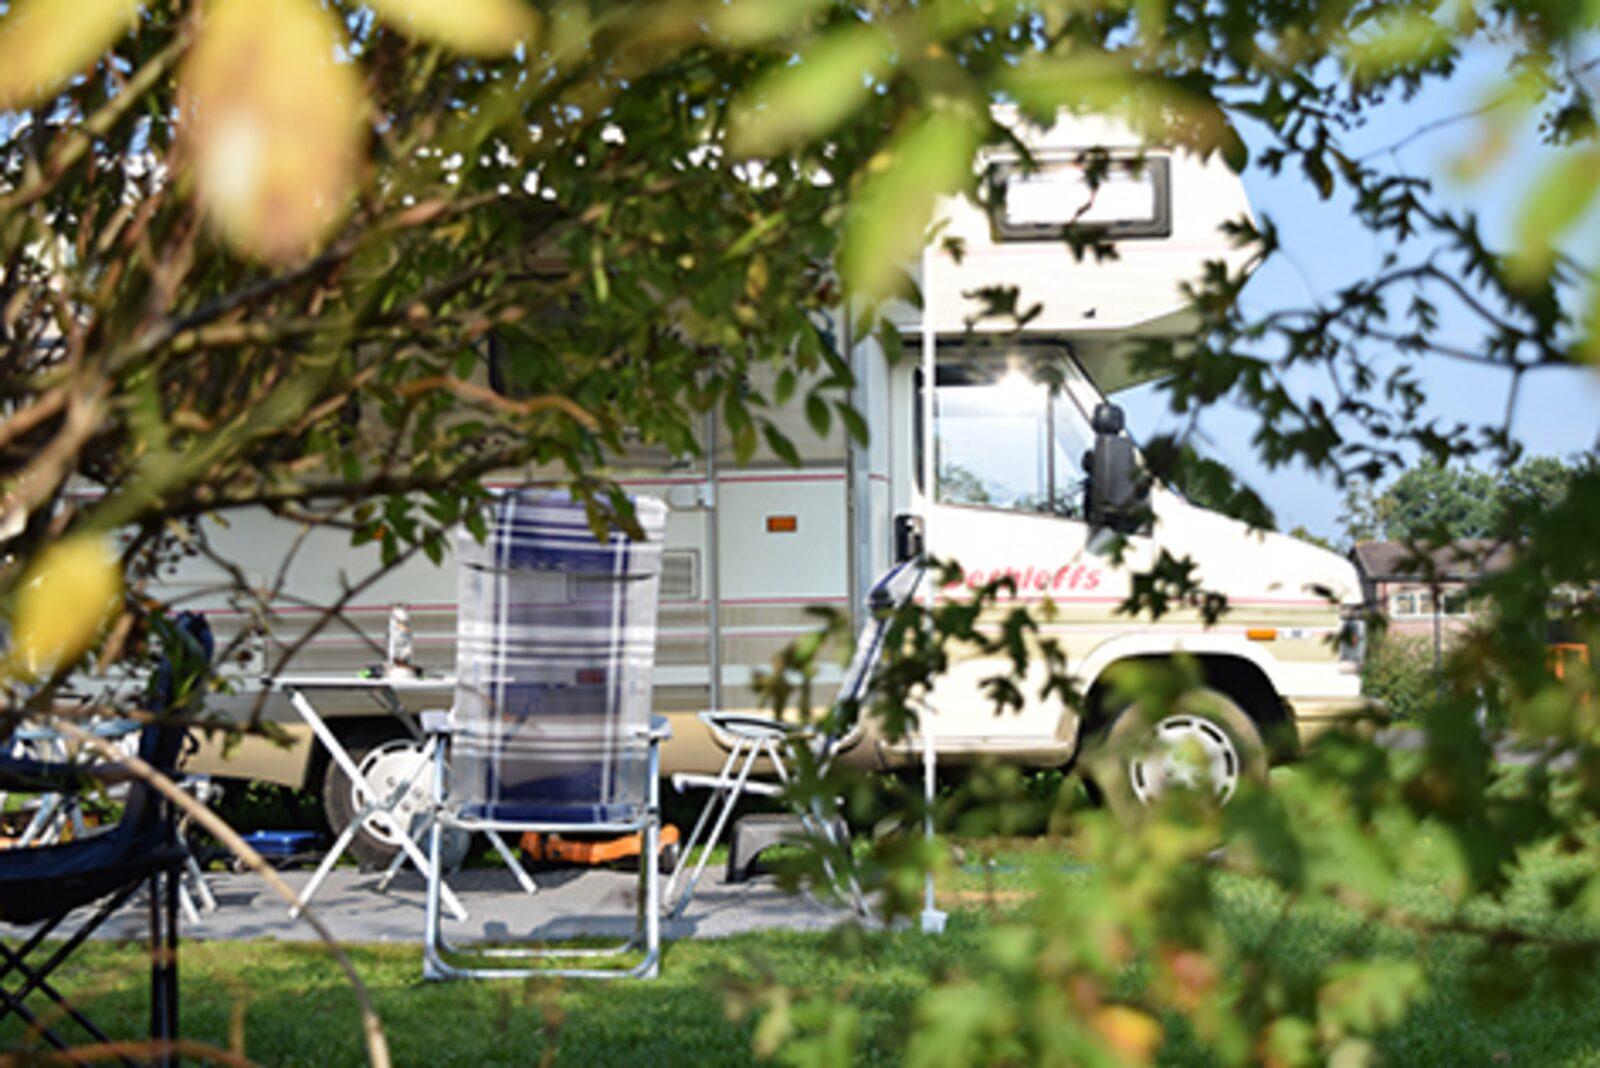 Camperplaatsen